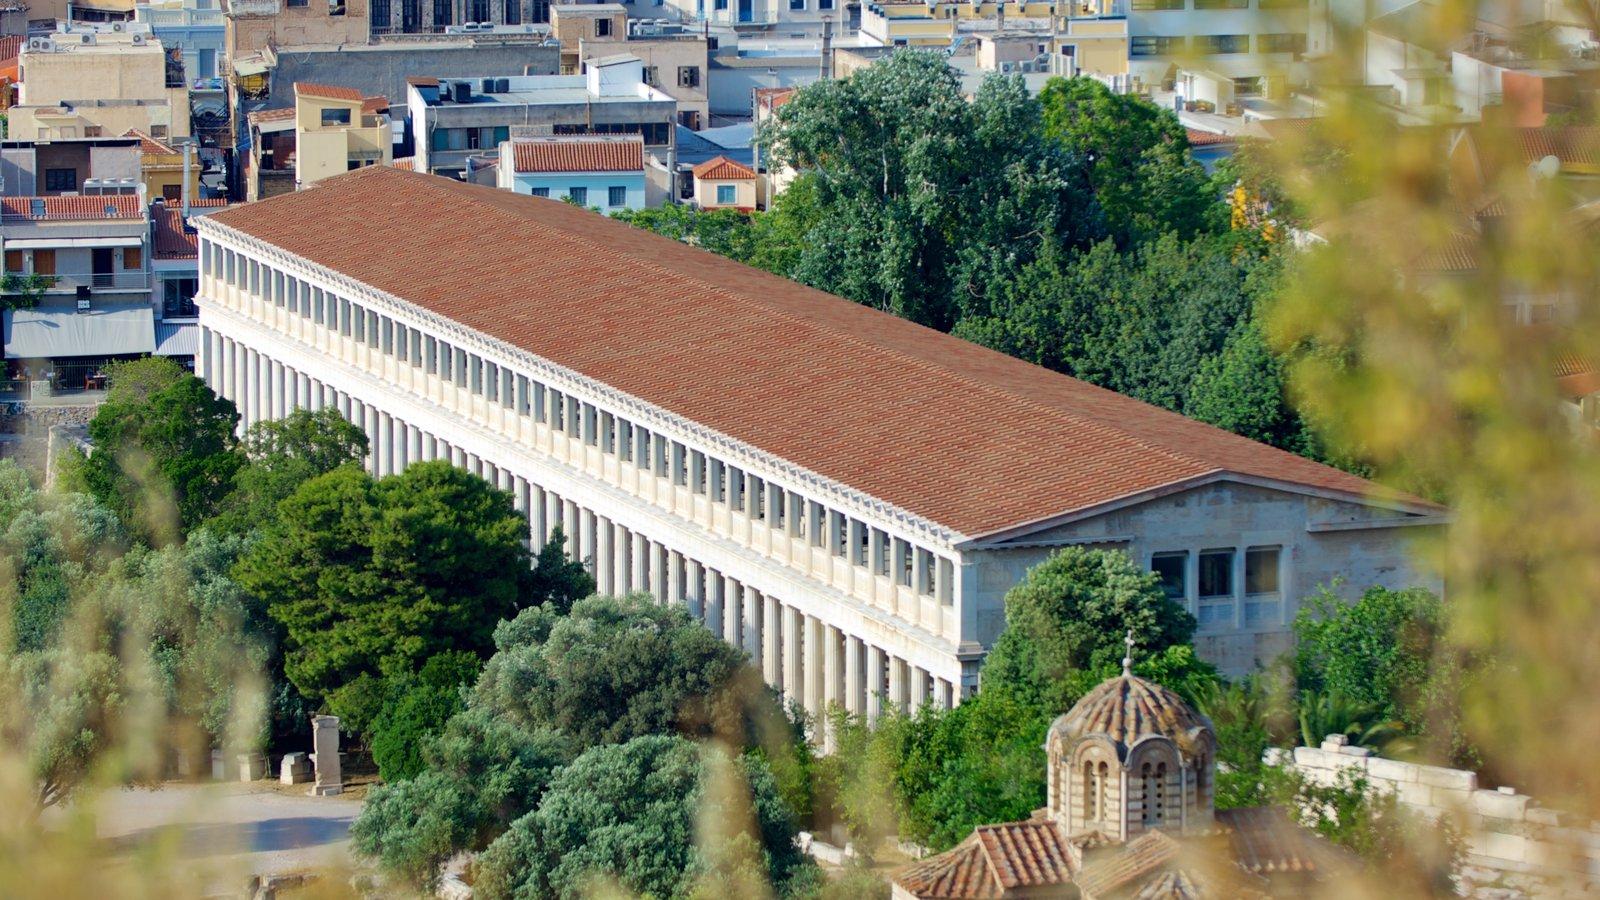 Stoa de Átalo que inclui paisagem, arquitetura de patrimônio e uma cidade